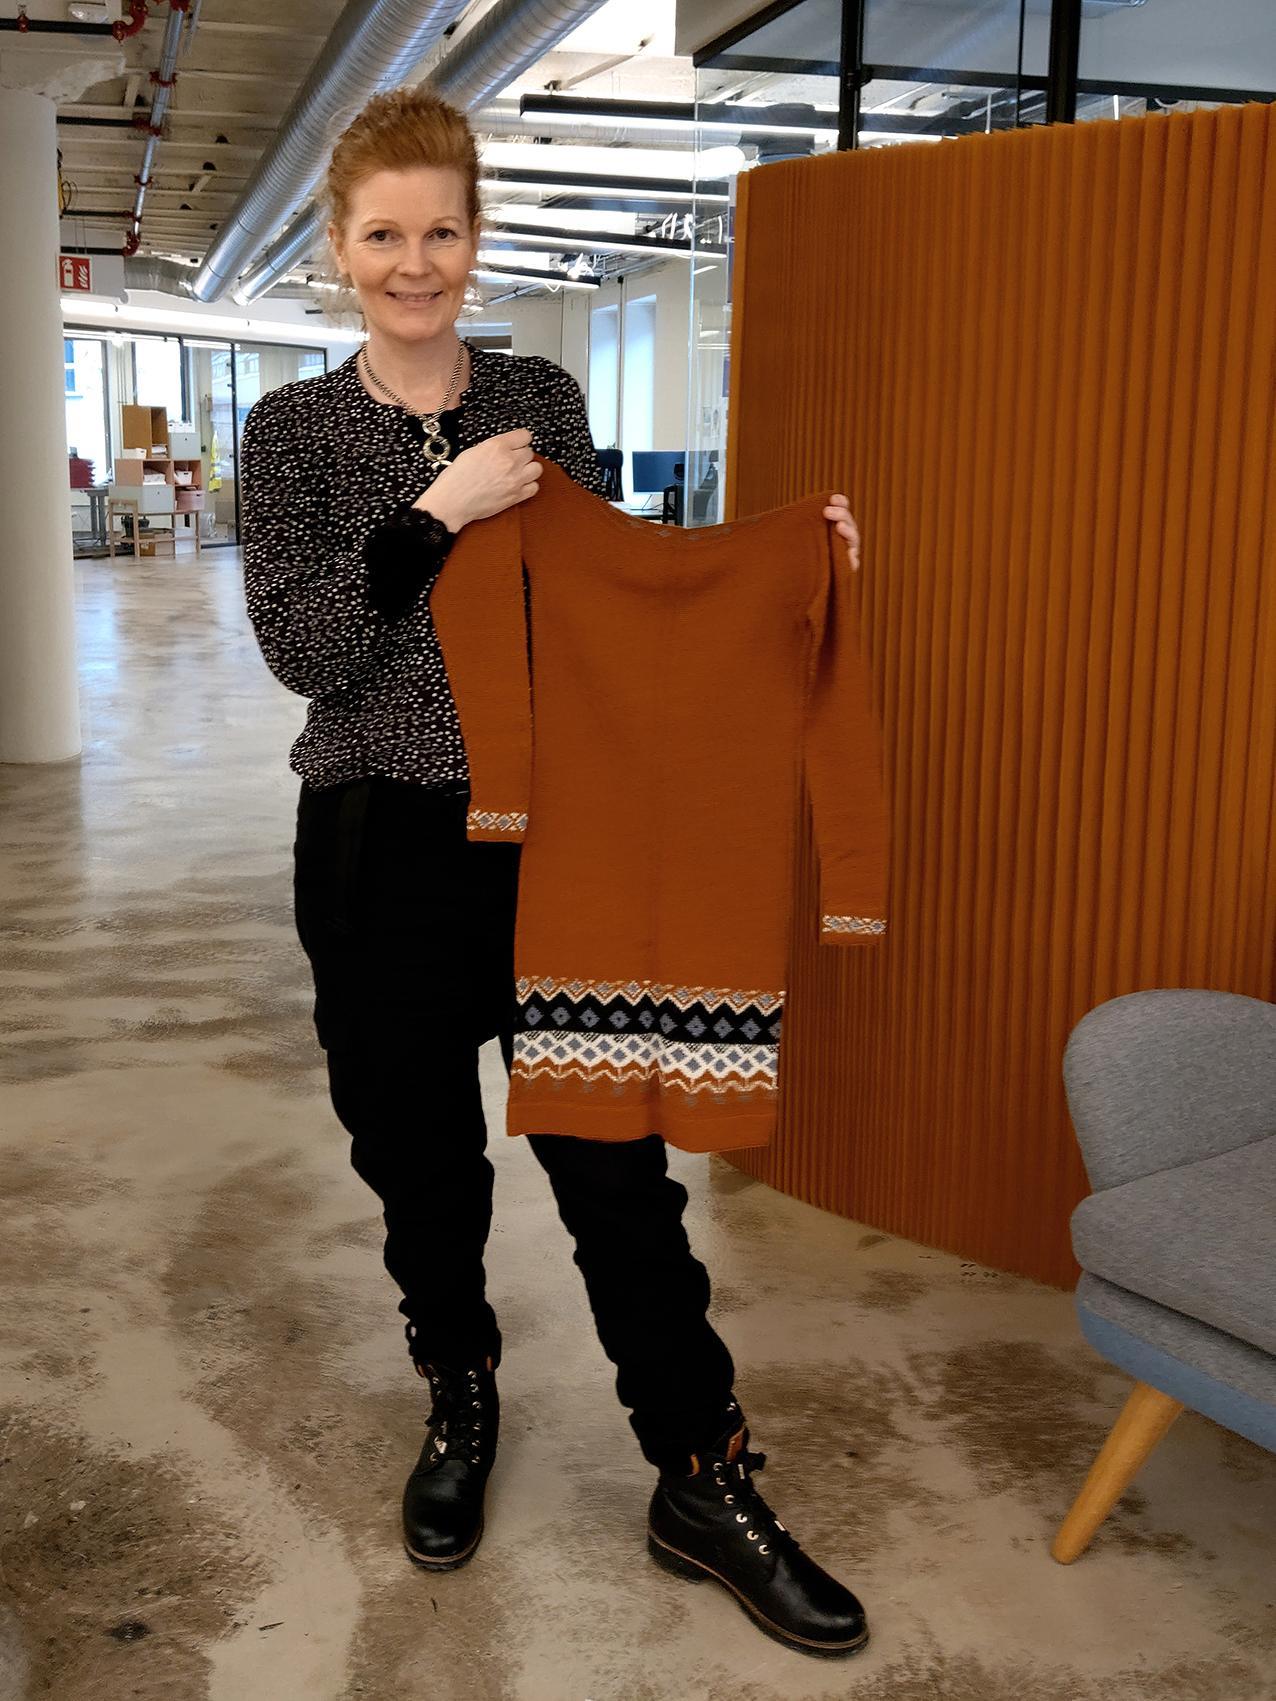 HURTIGSTRIKK: Cathrine Løland er daglig leder i Woolit, og opplyser at strikkerne i snitt bruker tolv dager på et oppdrag. Foto: Privat